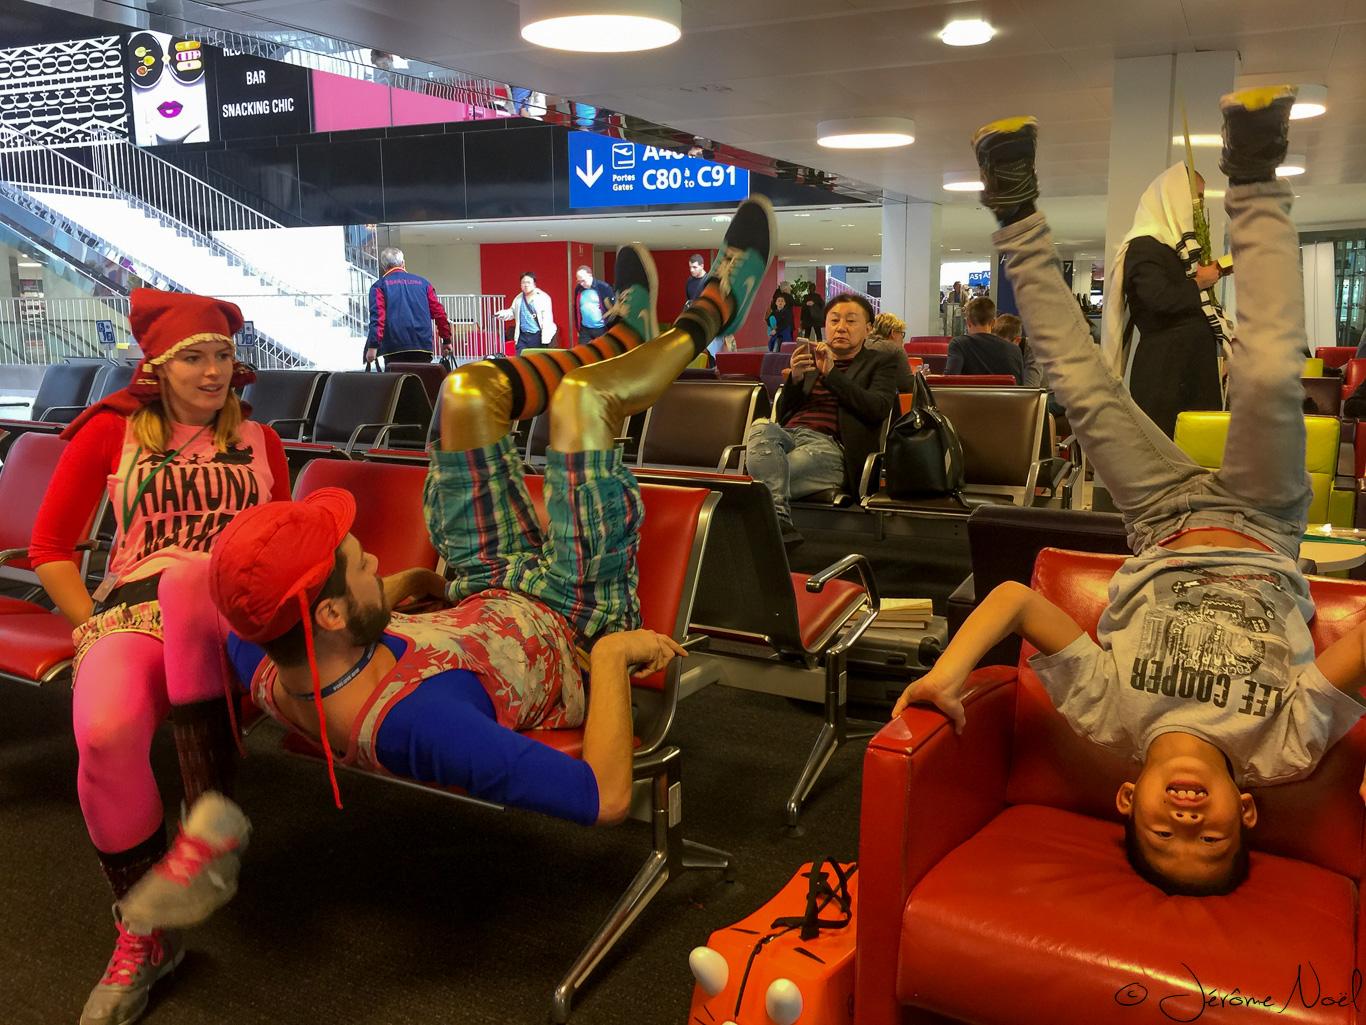 Le cirque à l'aéroport CDG